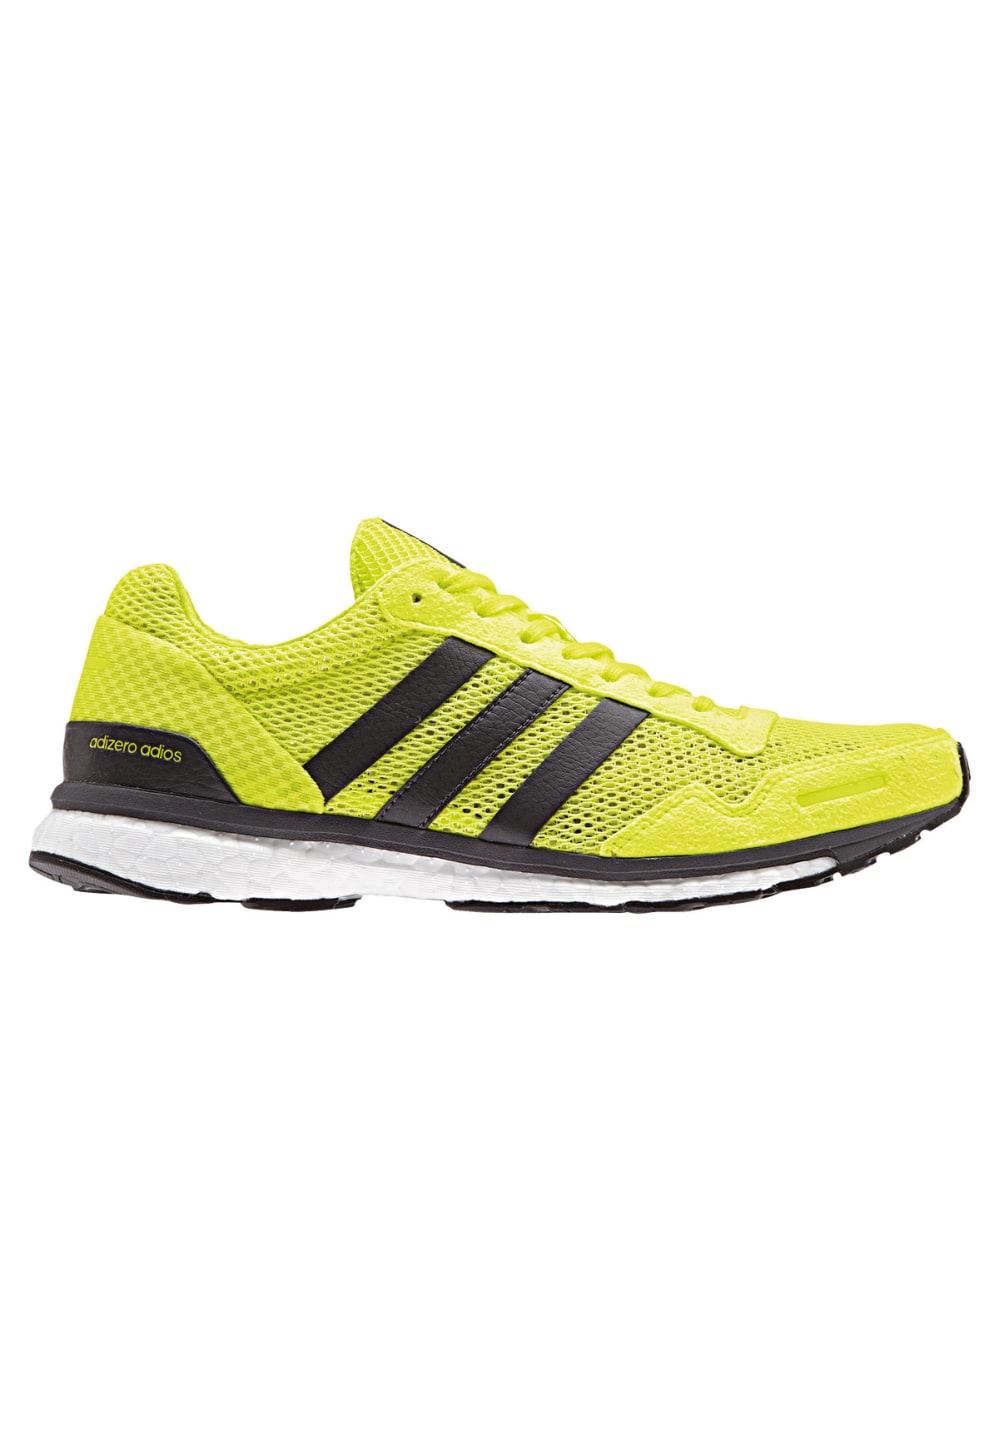 adidas adizero Adios 3 - Chaussures running pour Femme - Jaune